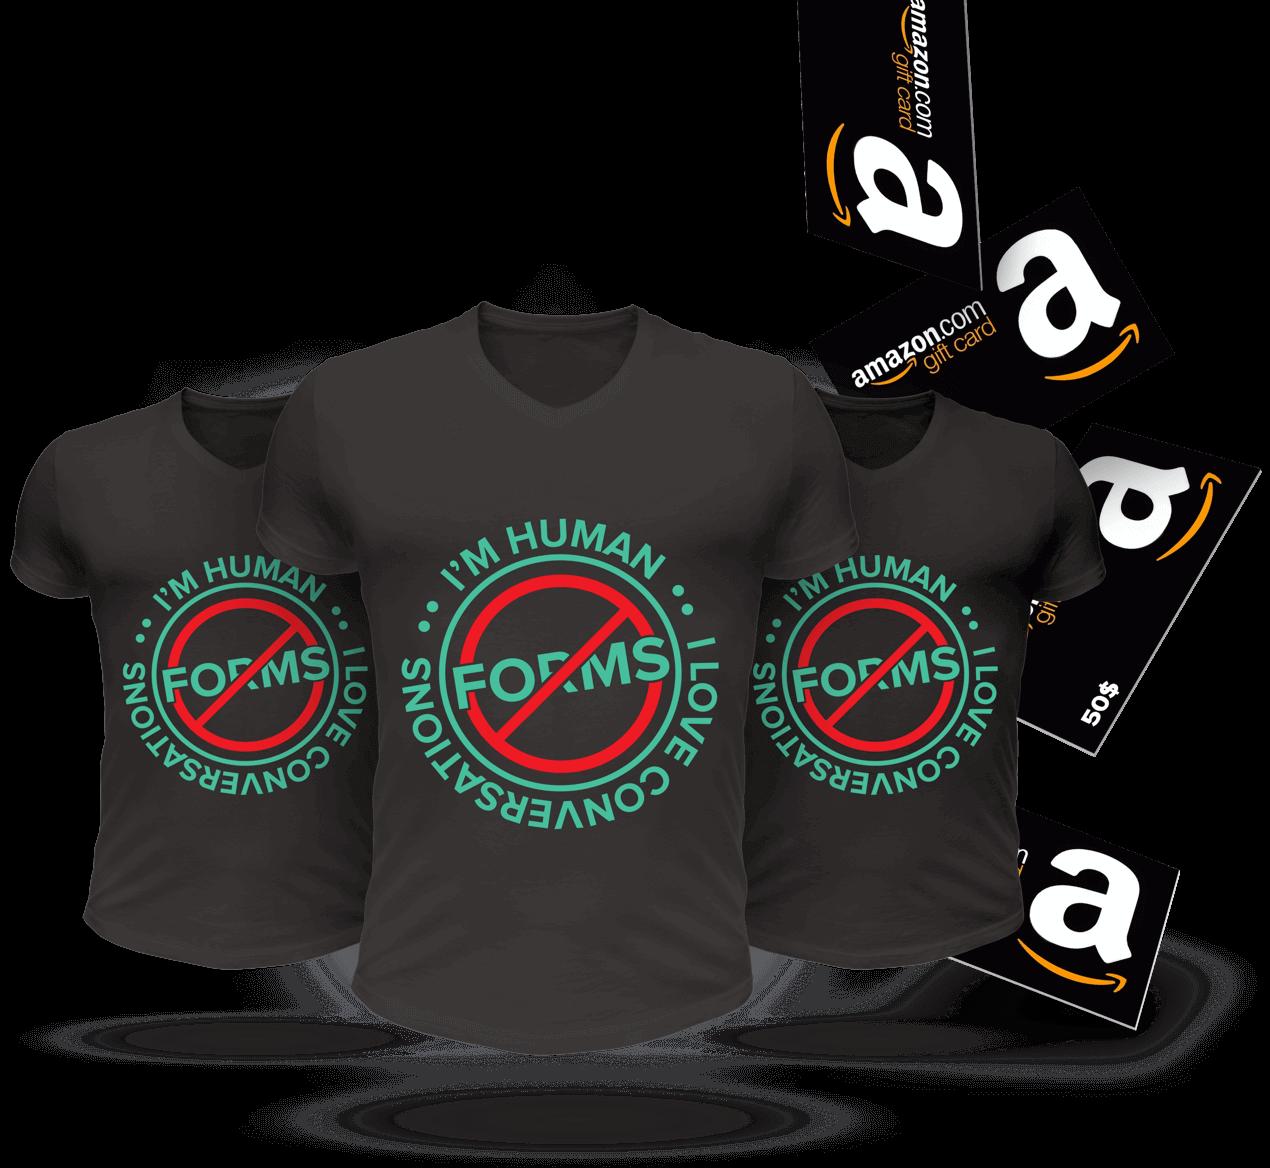 bitcoin-t-shirt-giveaway-surveysparrow